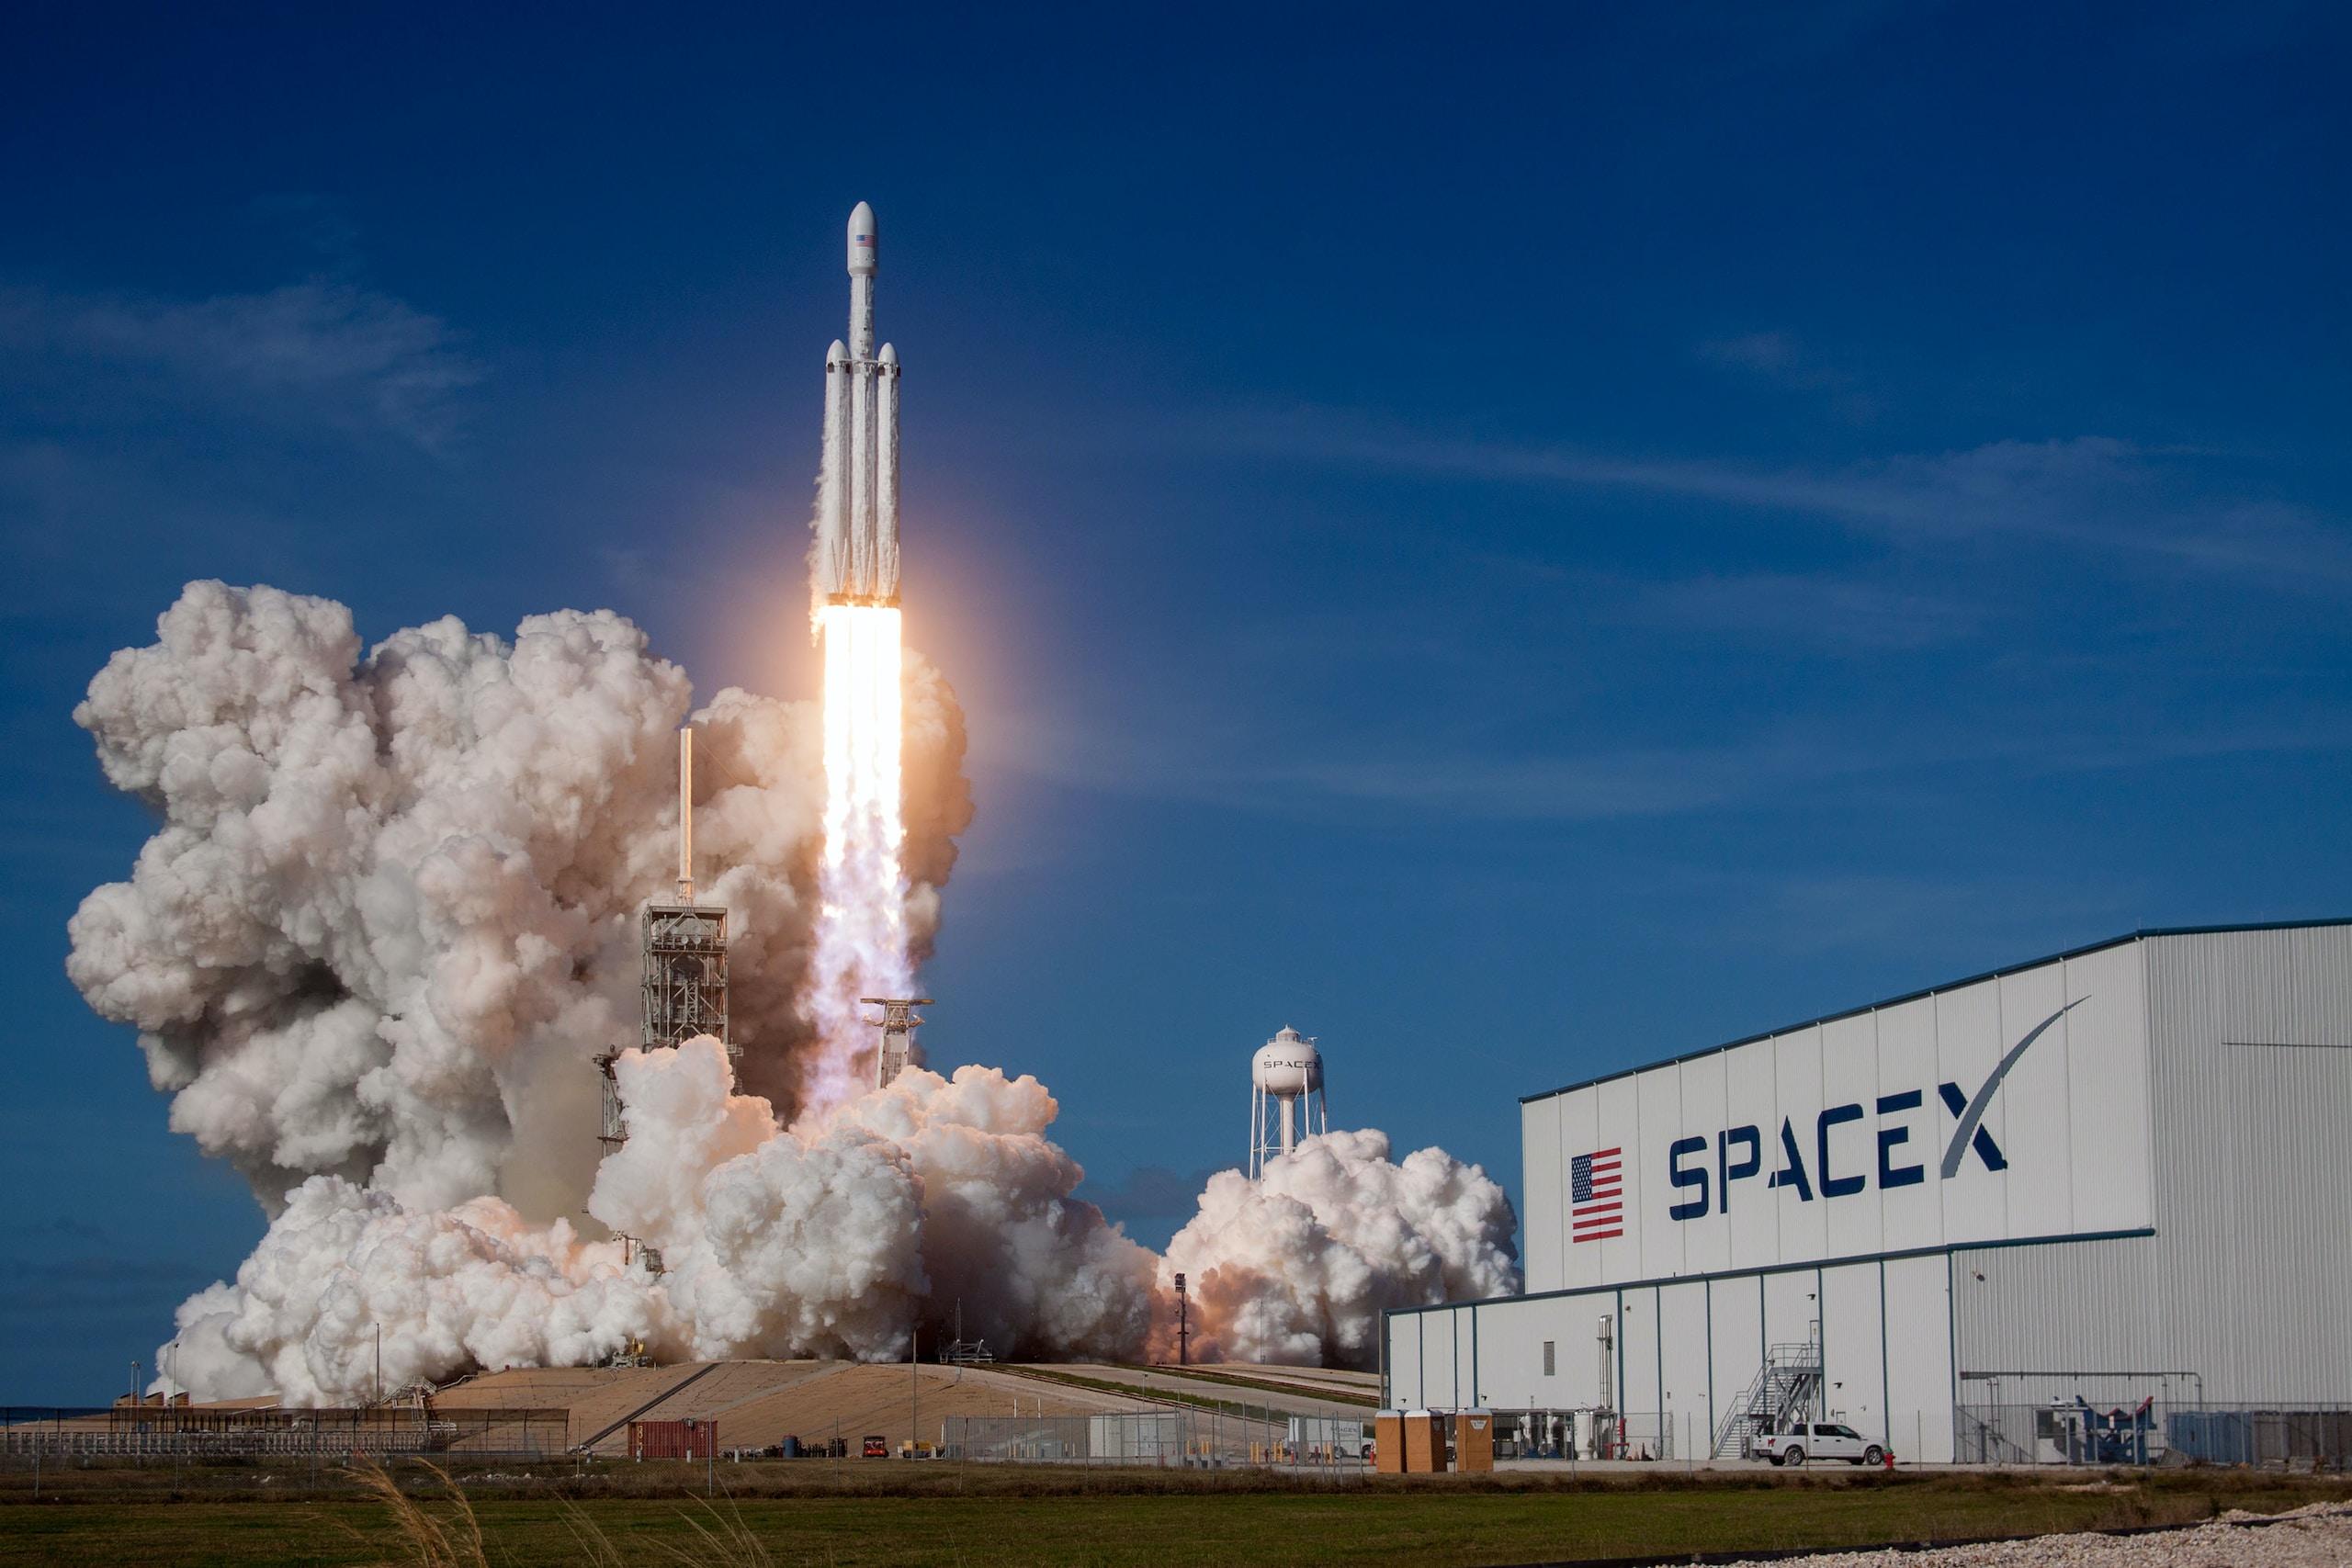 SpaceX, compañía fundada por Elon Musk